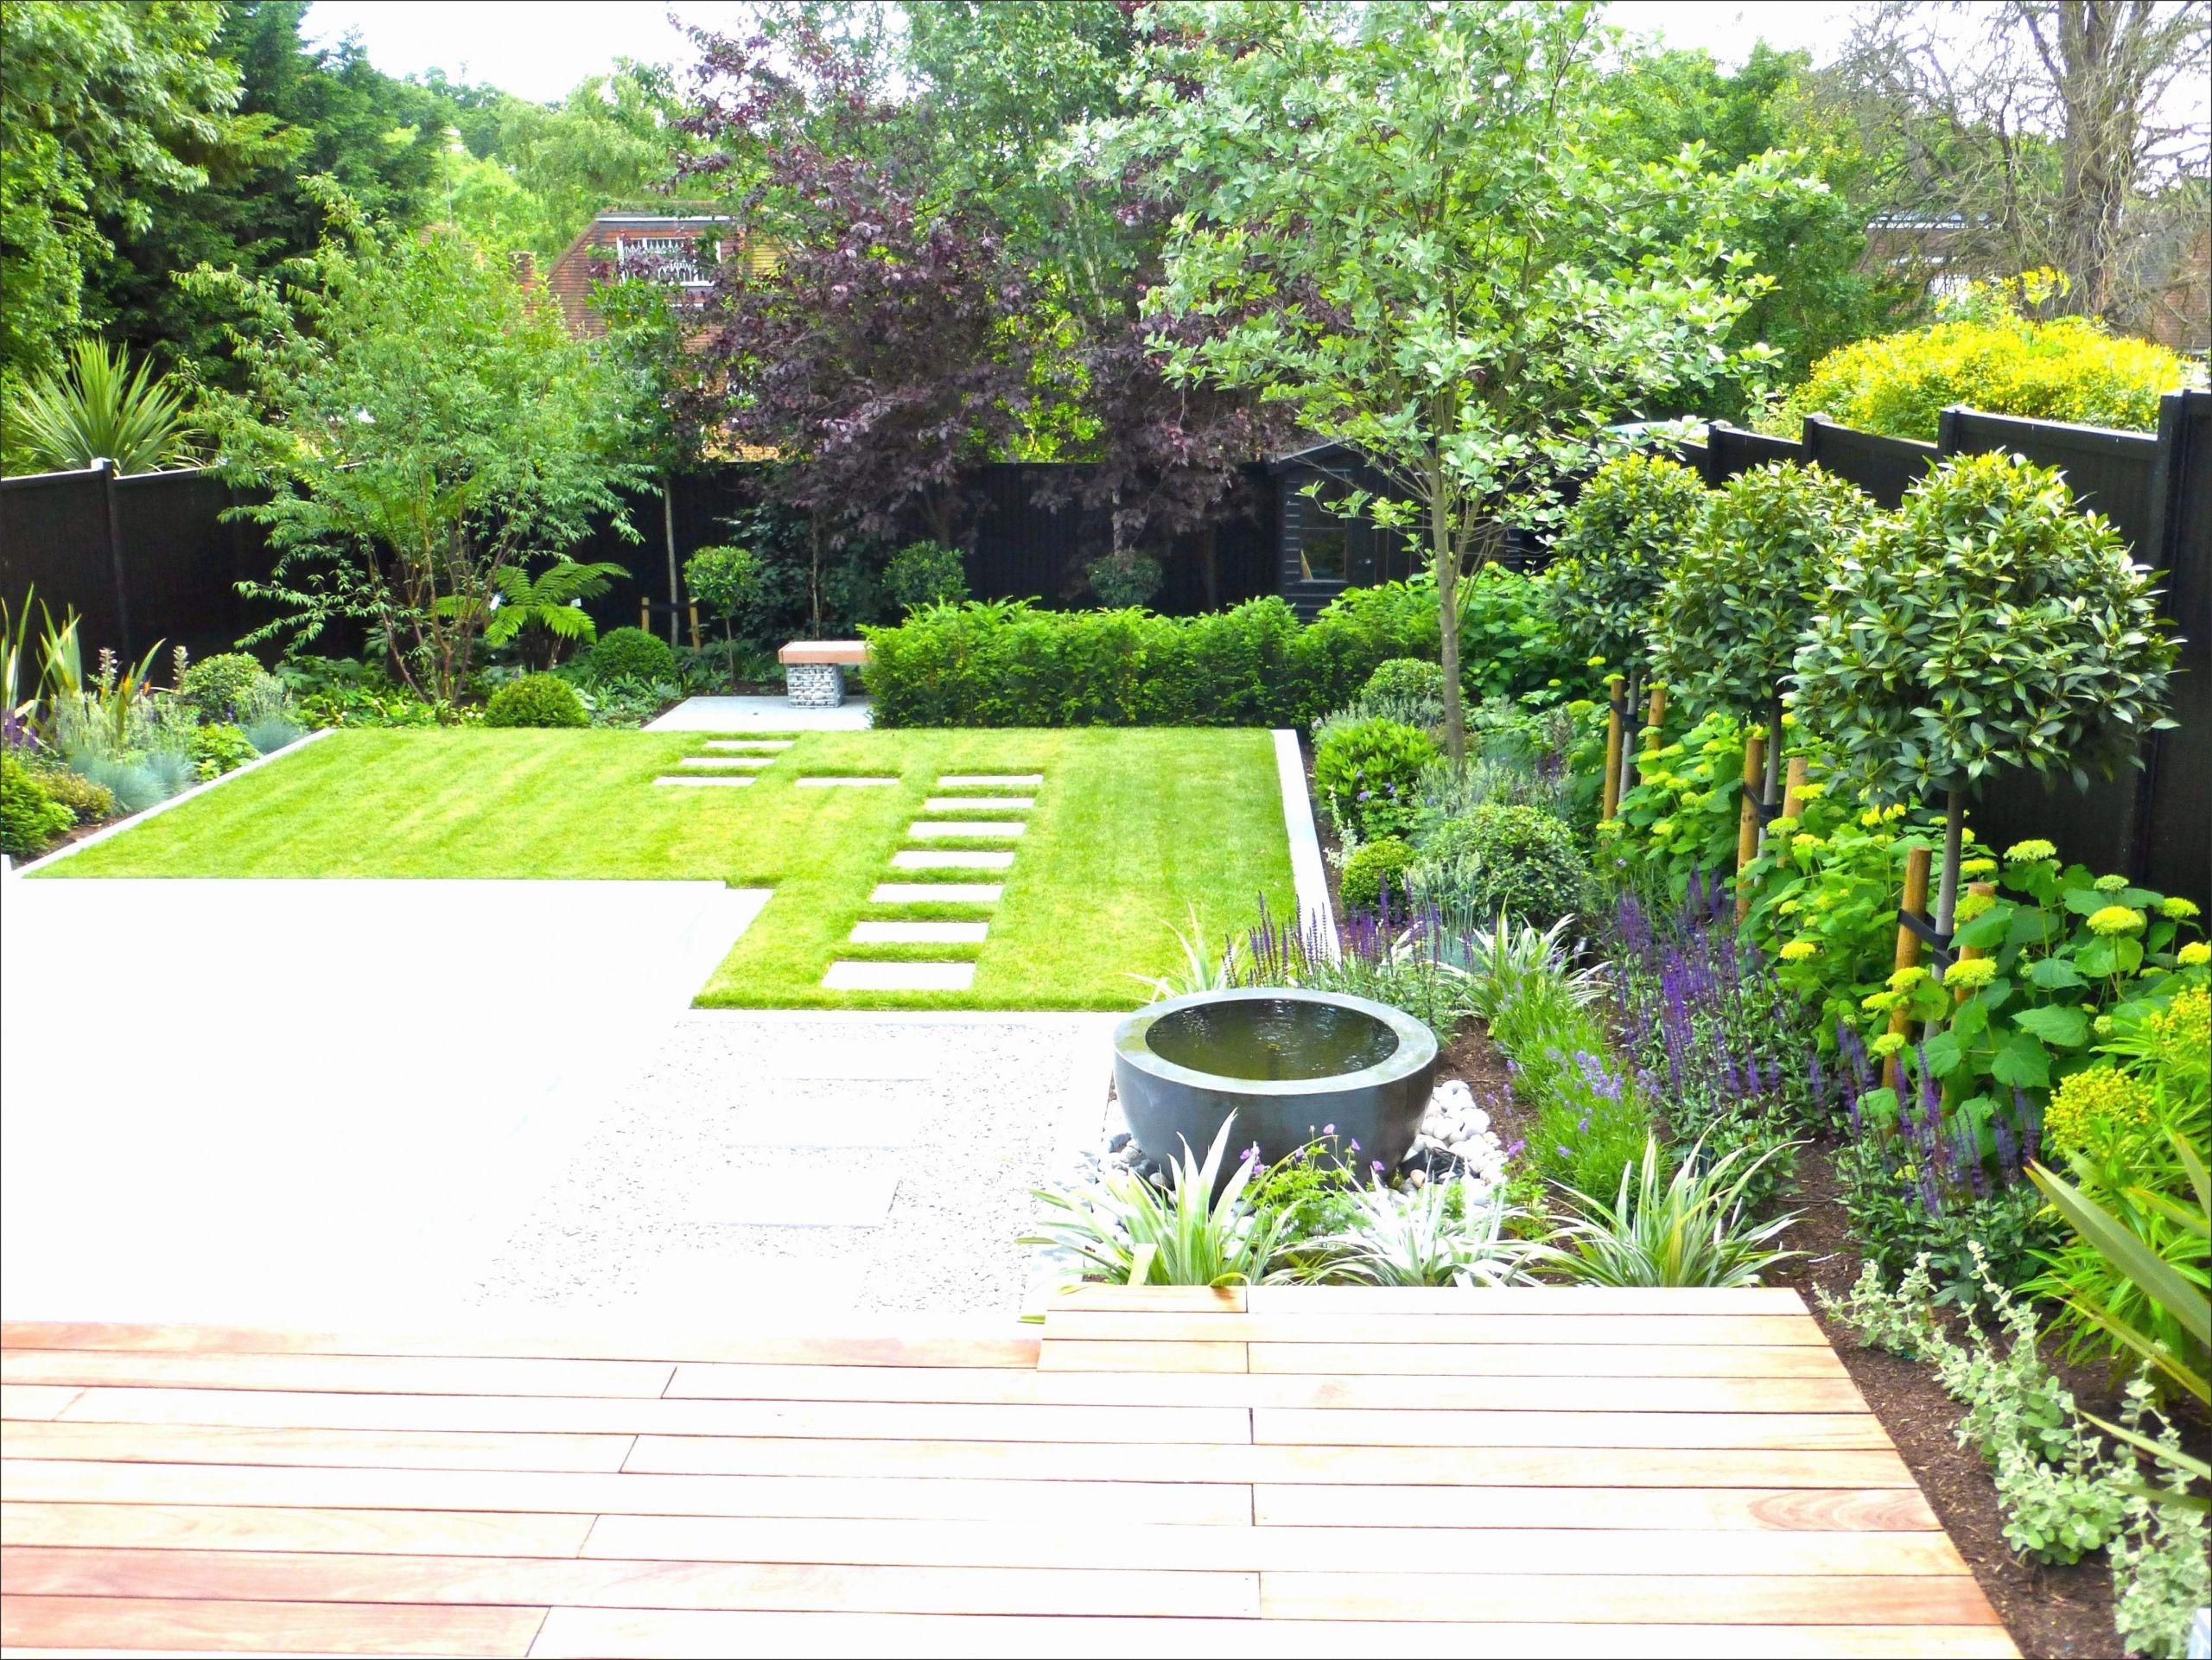 welche pflanzen als sichtschutz 42 architektur bepflanzung terrasse sichtschutz bepflanzung terrasse sichtschutz